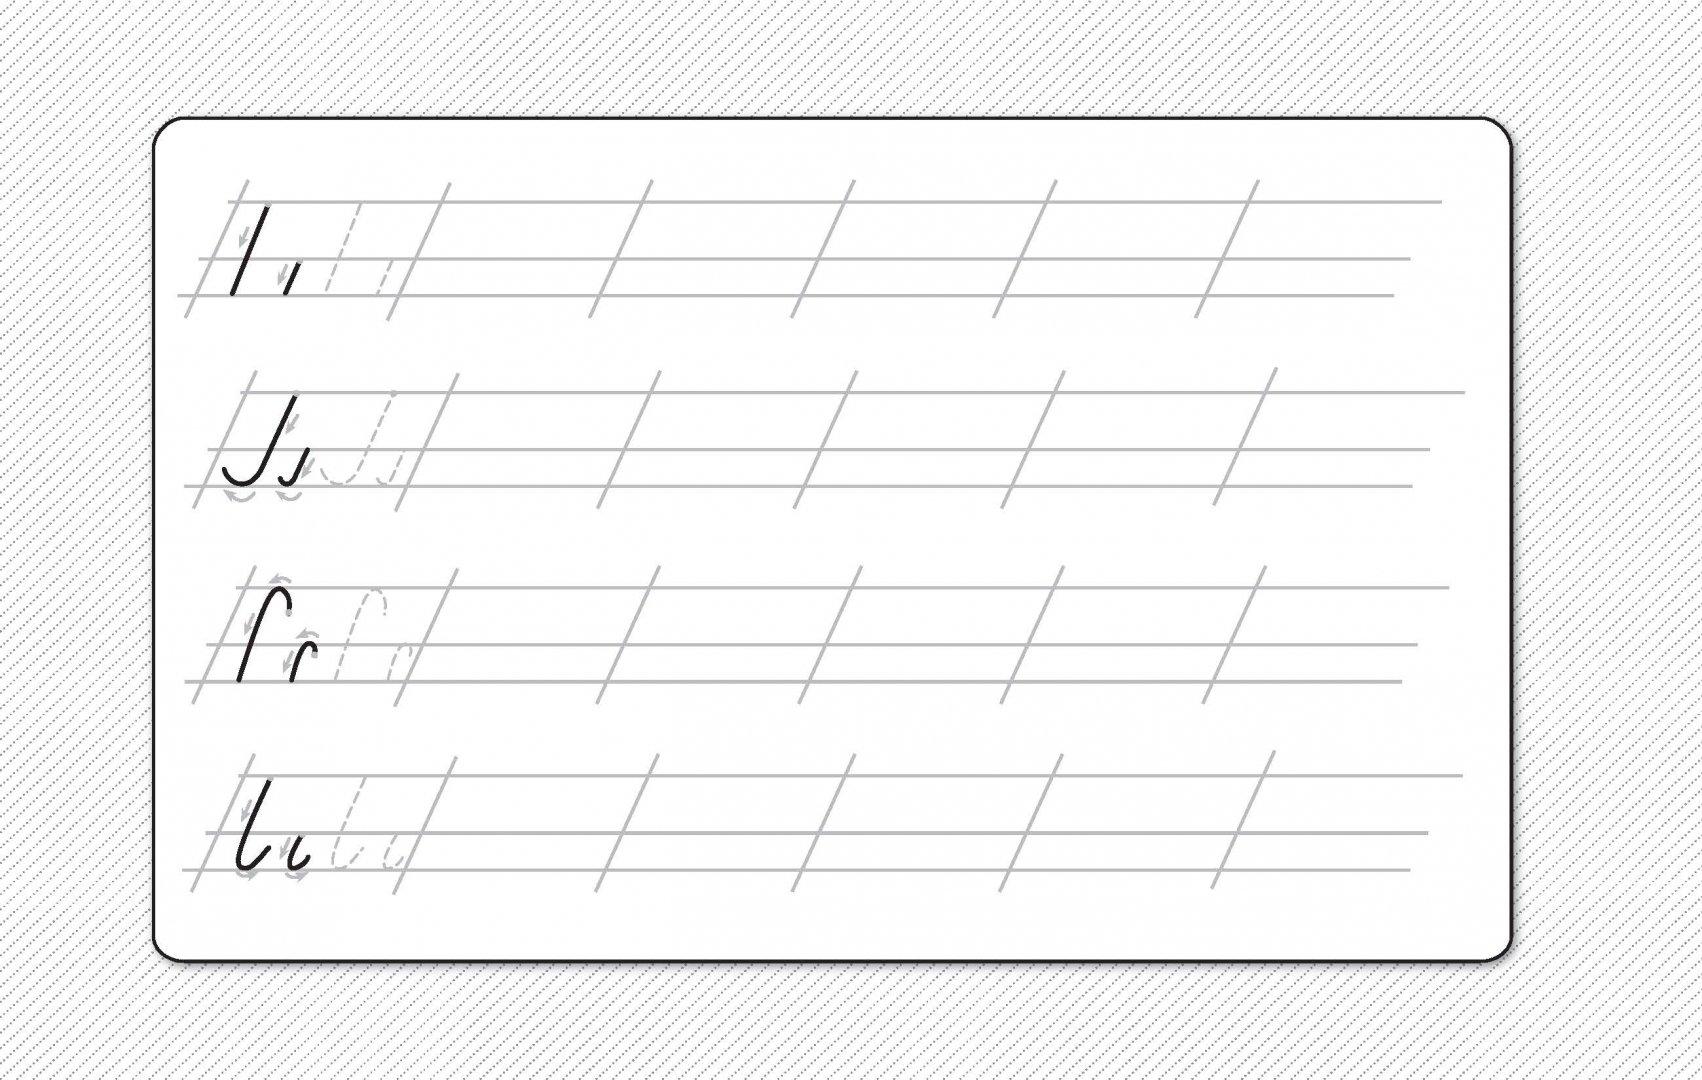 Иллюстрация 1 из 4 для Элементы букв | Лабиринт - книги. Источник: Лабиринт